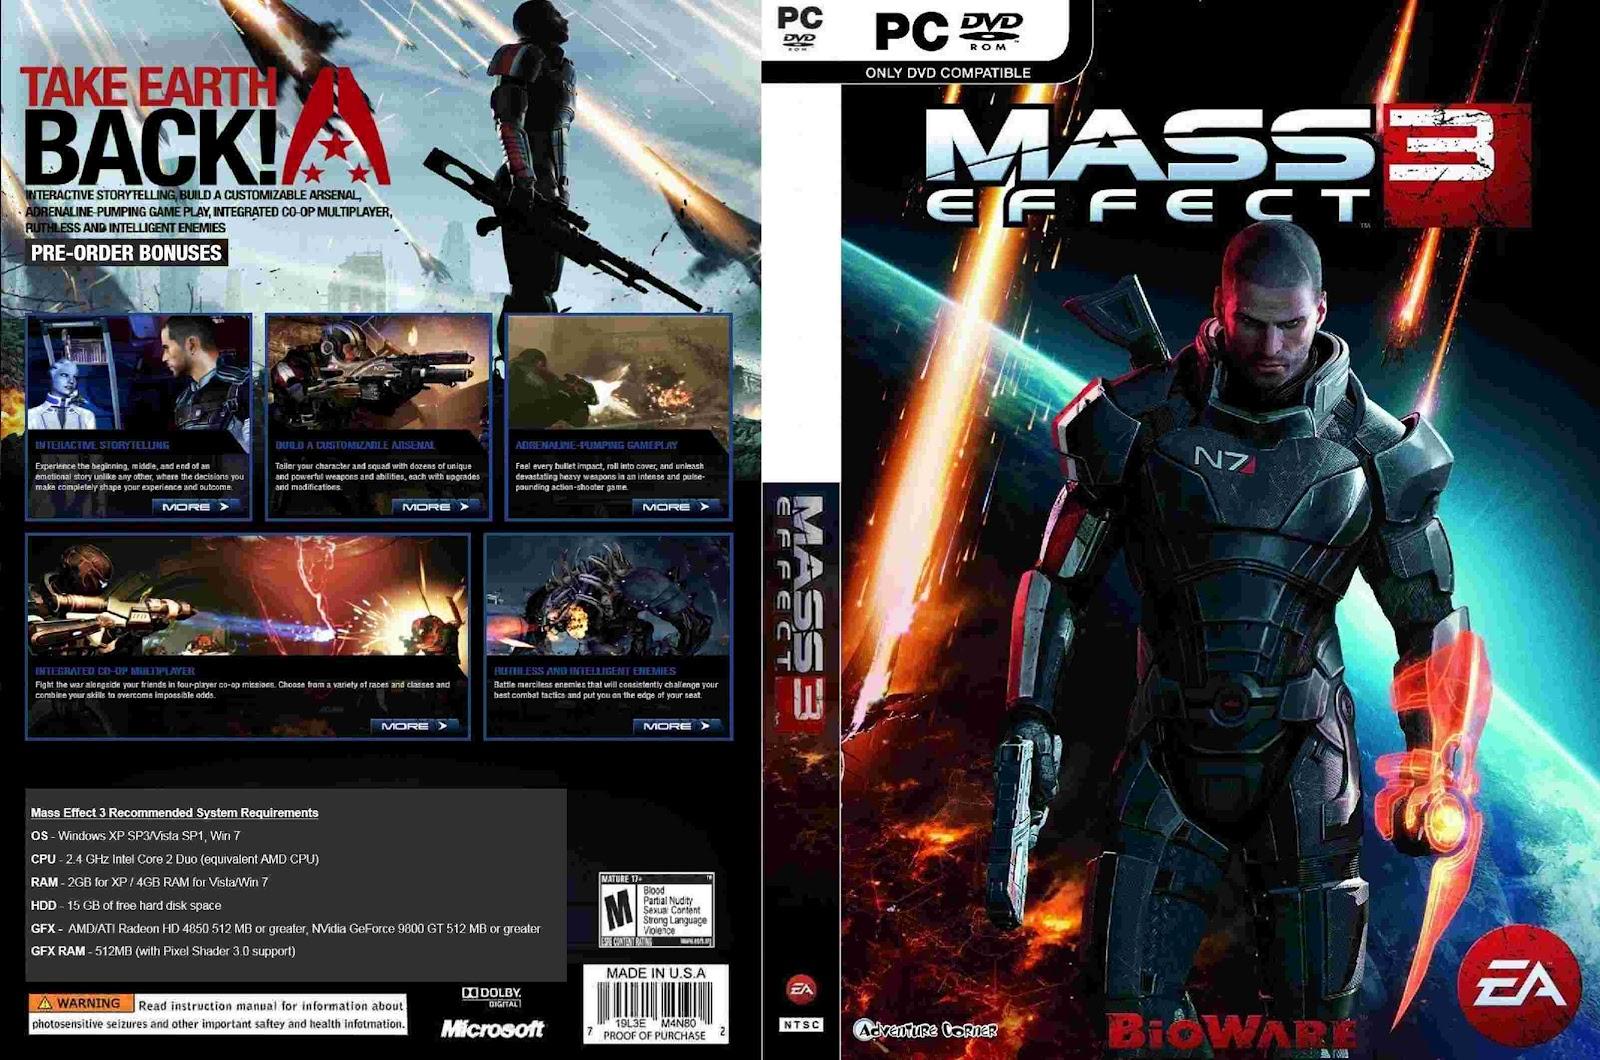 http://4.bp.blogspot.com/-fxDVhG24Pwg/T4LlokWvdvI/AAAAAAAAANI/eHFL9-FFYbE/s1600/Mass_Effect_3+PC.jpg